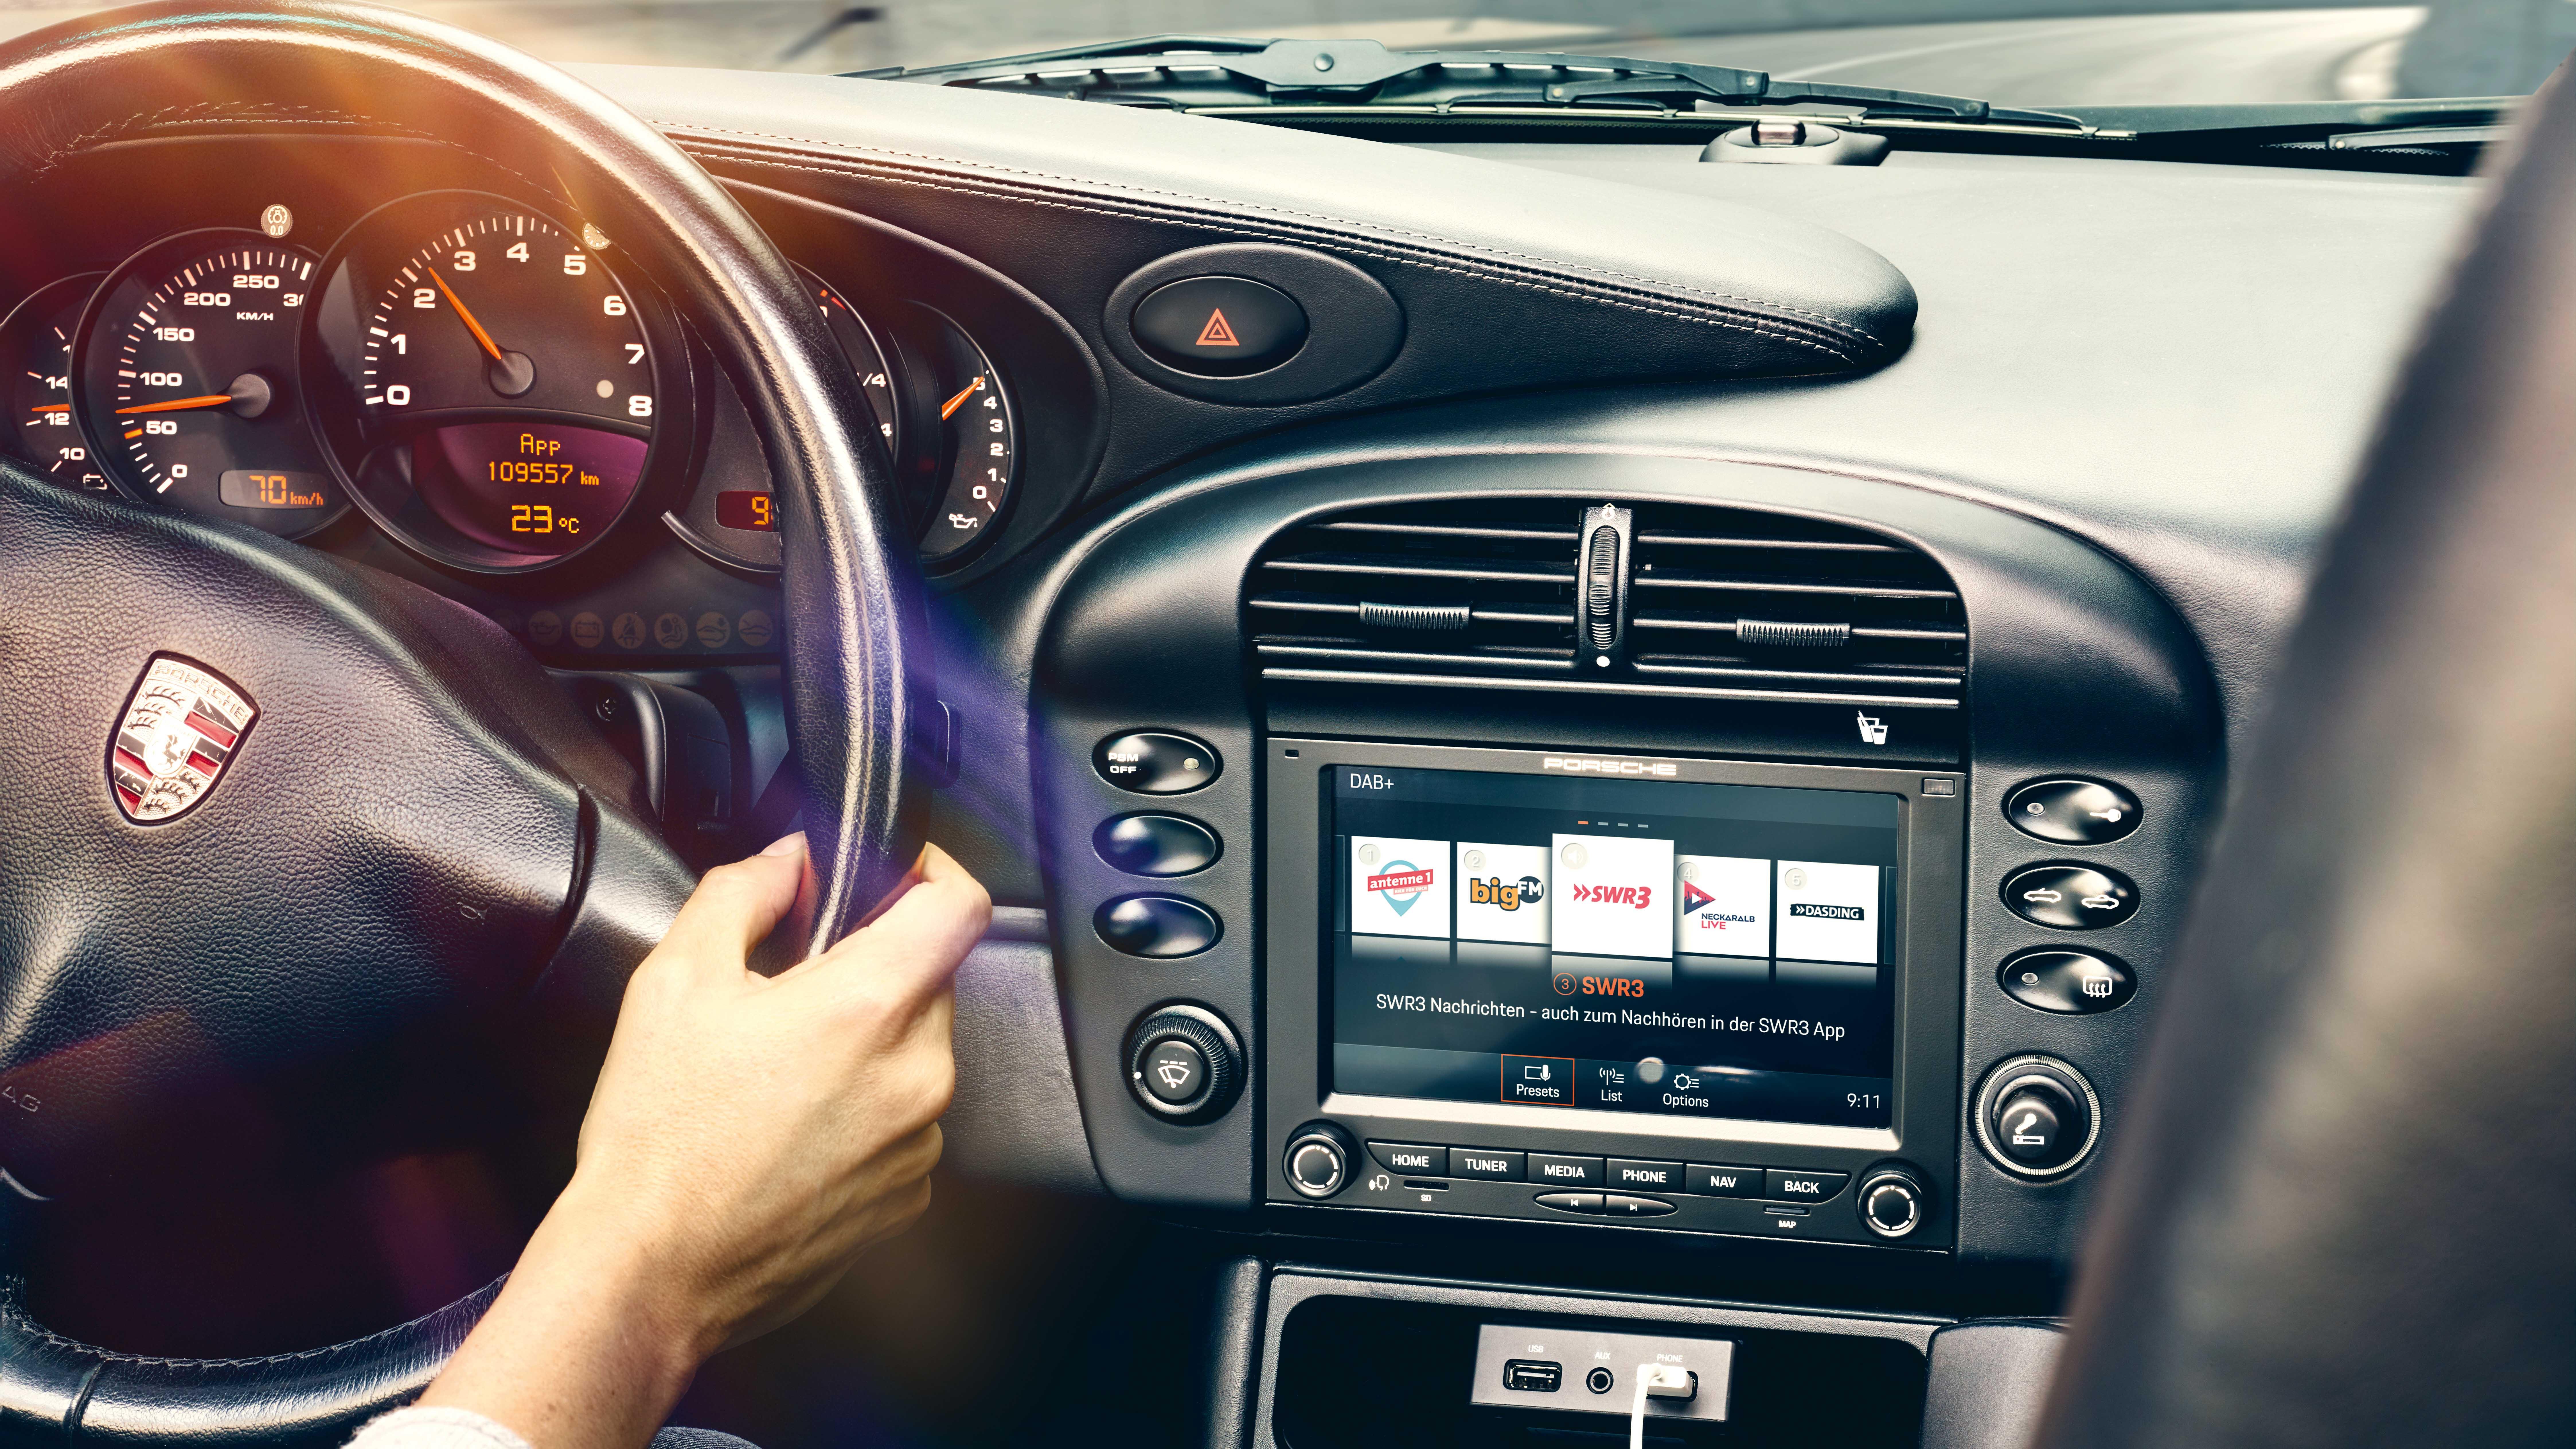 Porsche oferece multimídia com Apple CarPlay para modelos antigos da marca